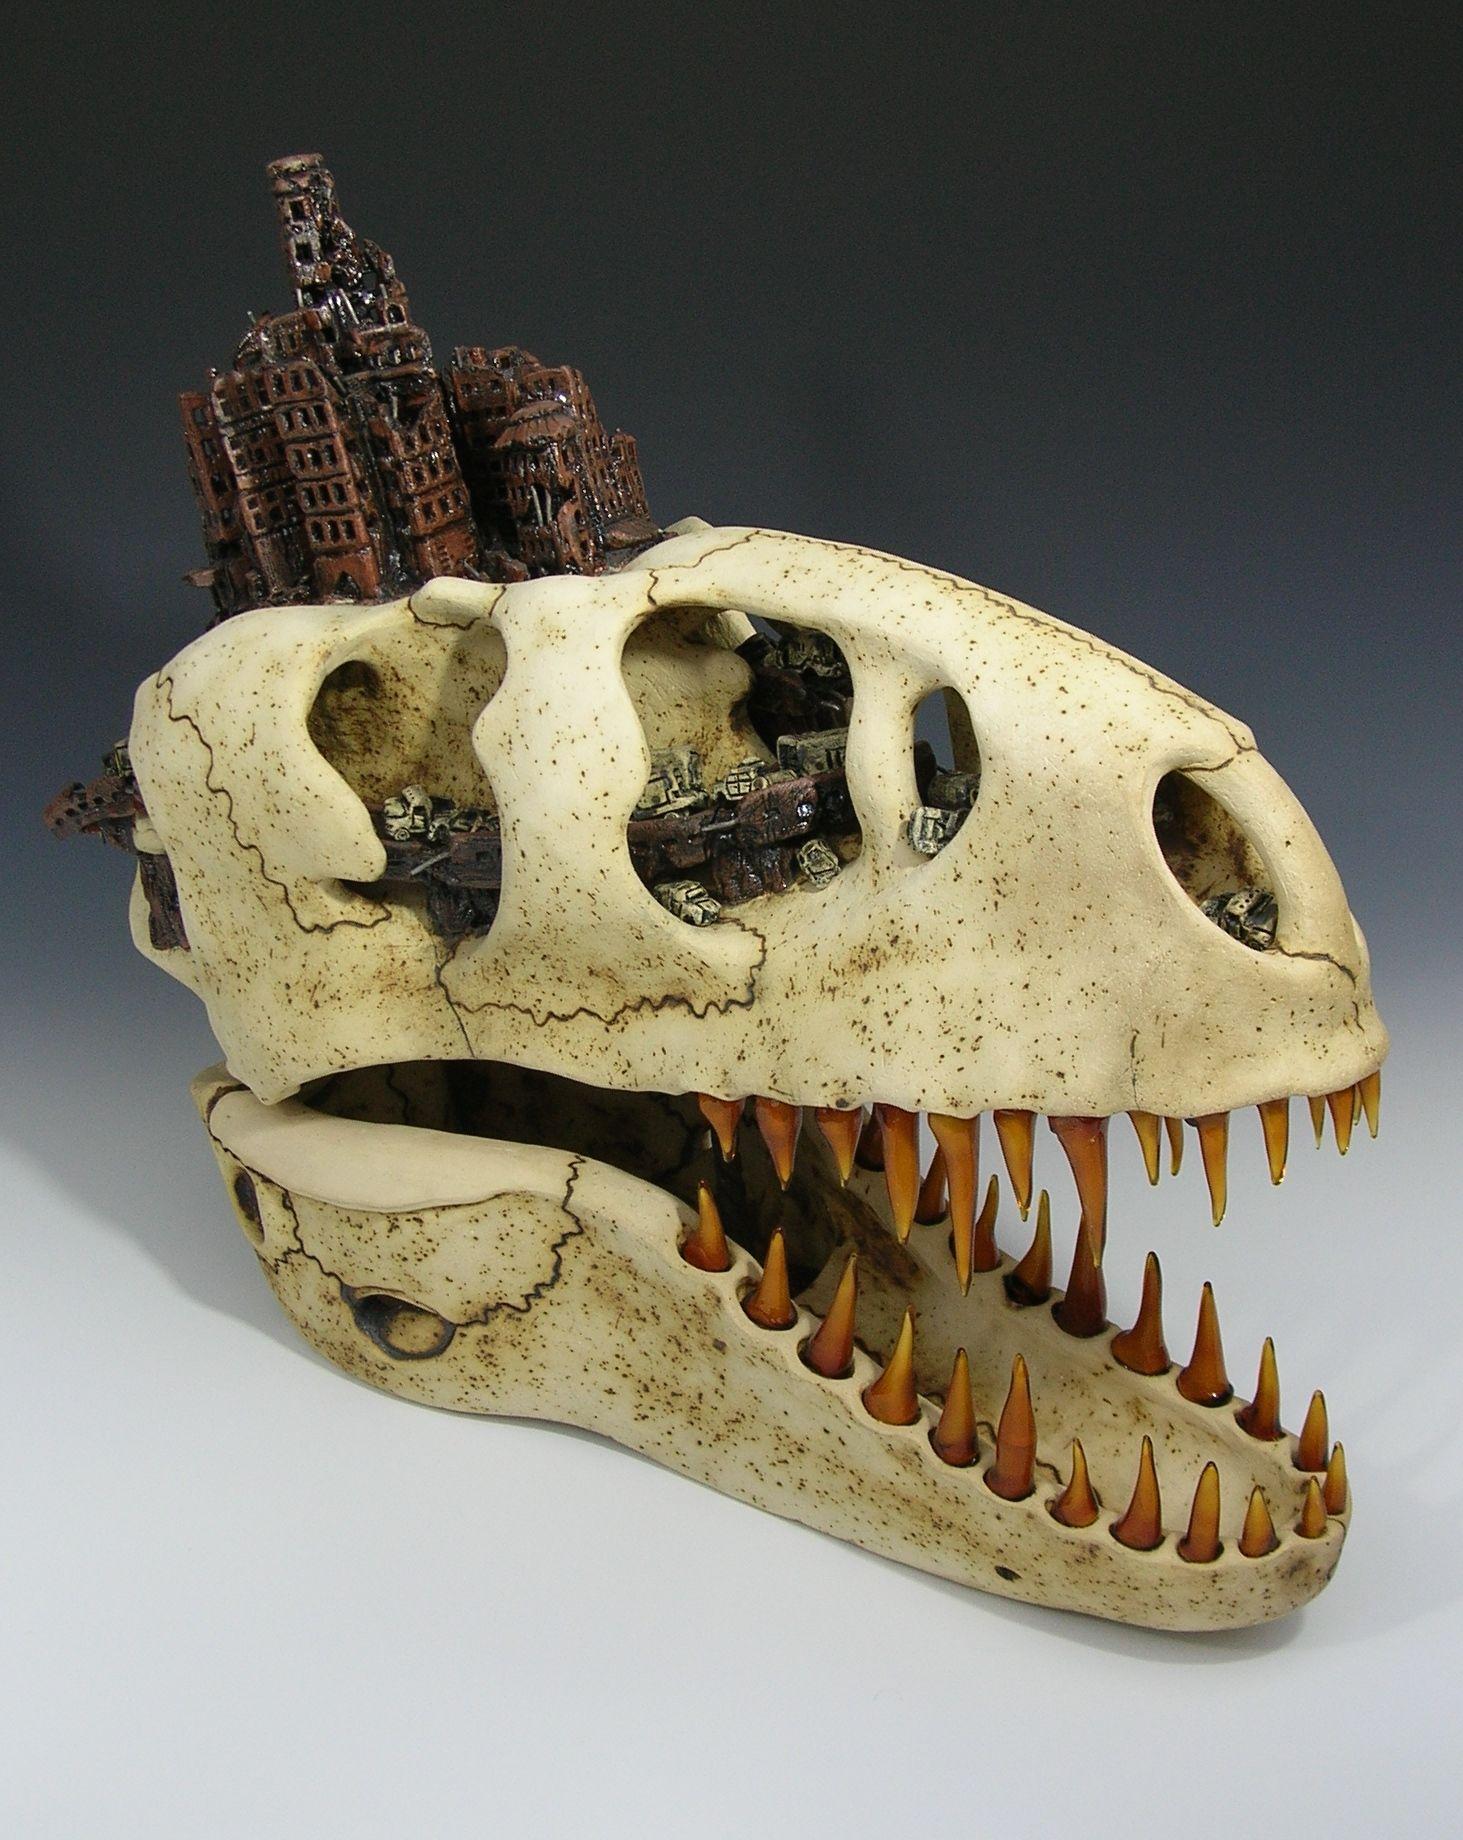 Frackasaurus